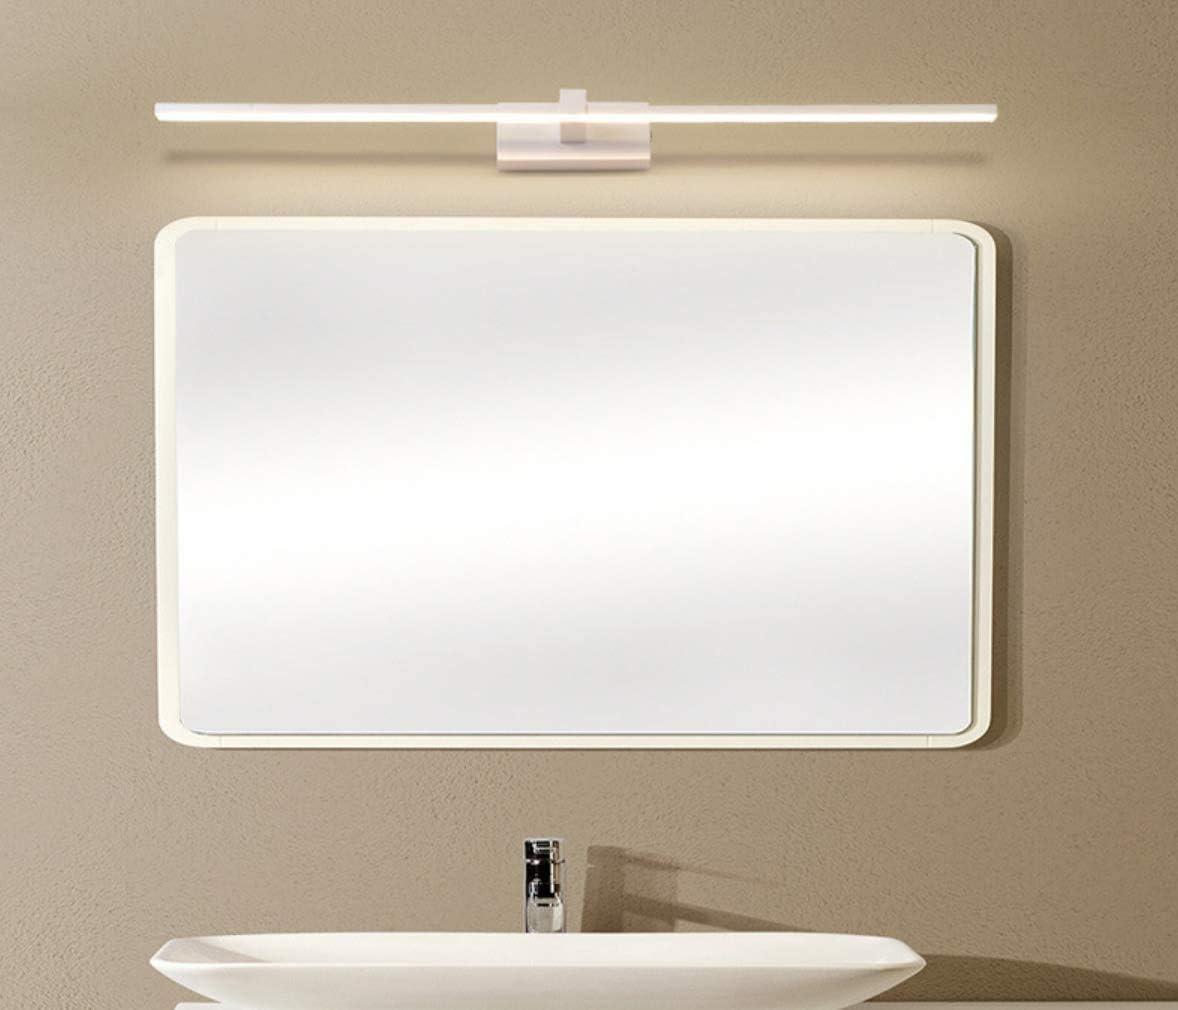 Maquillage Meubles Fixation murale Miroir Applique murale Lampe de salle de bain /étanche IP44 6000k Blanc froid 50cm Applique murale LED 10w